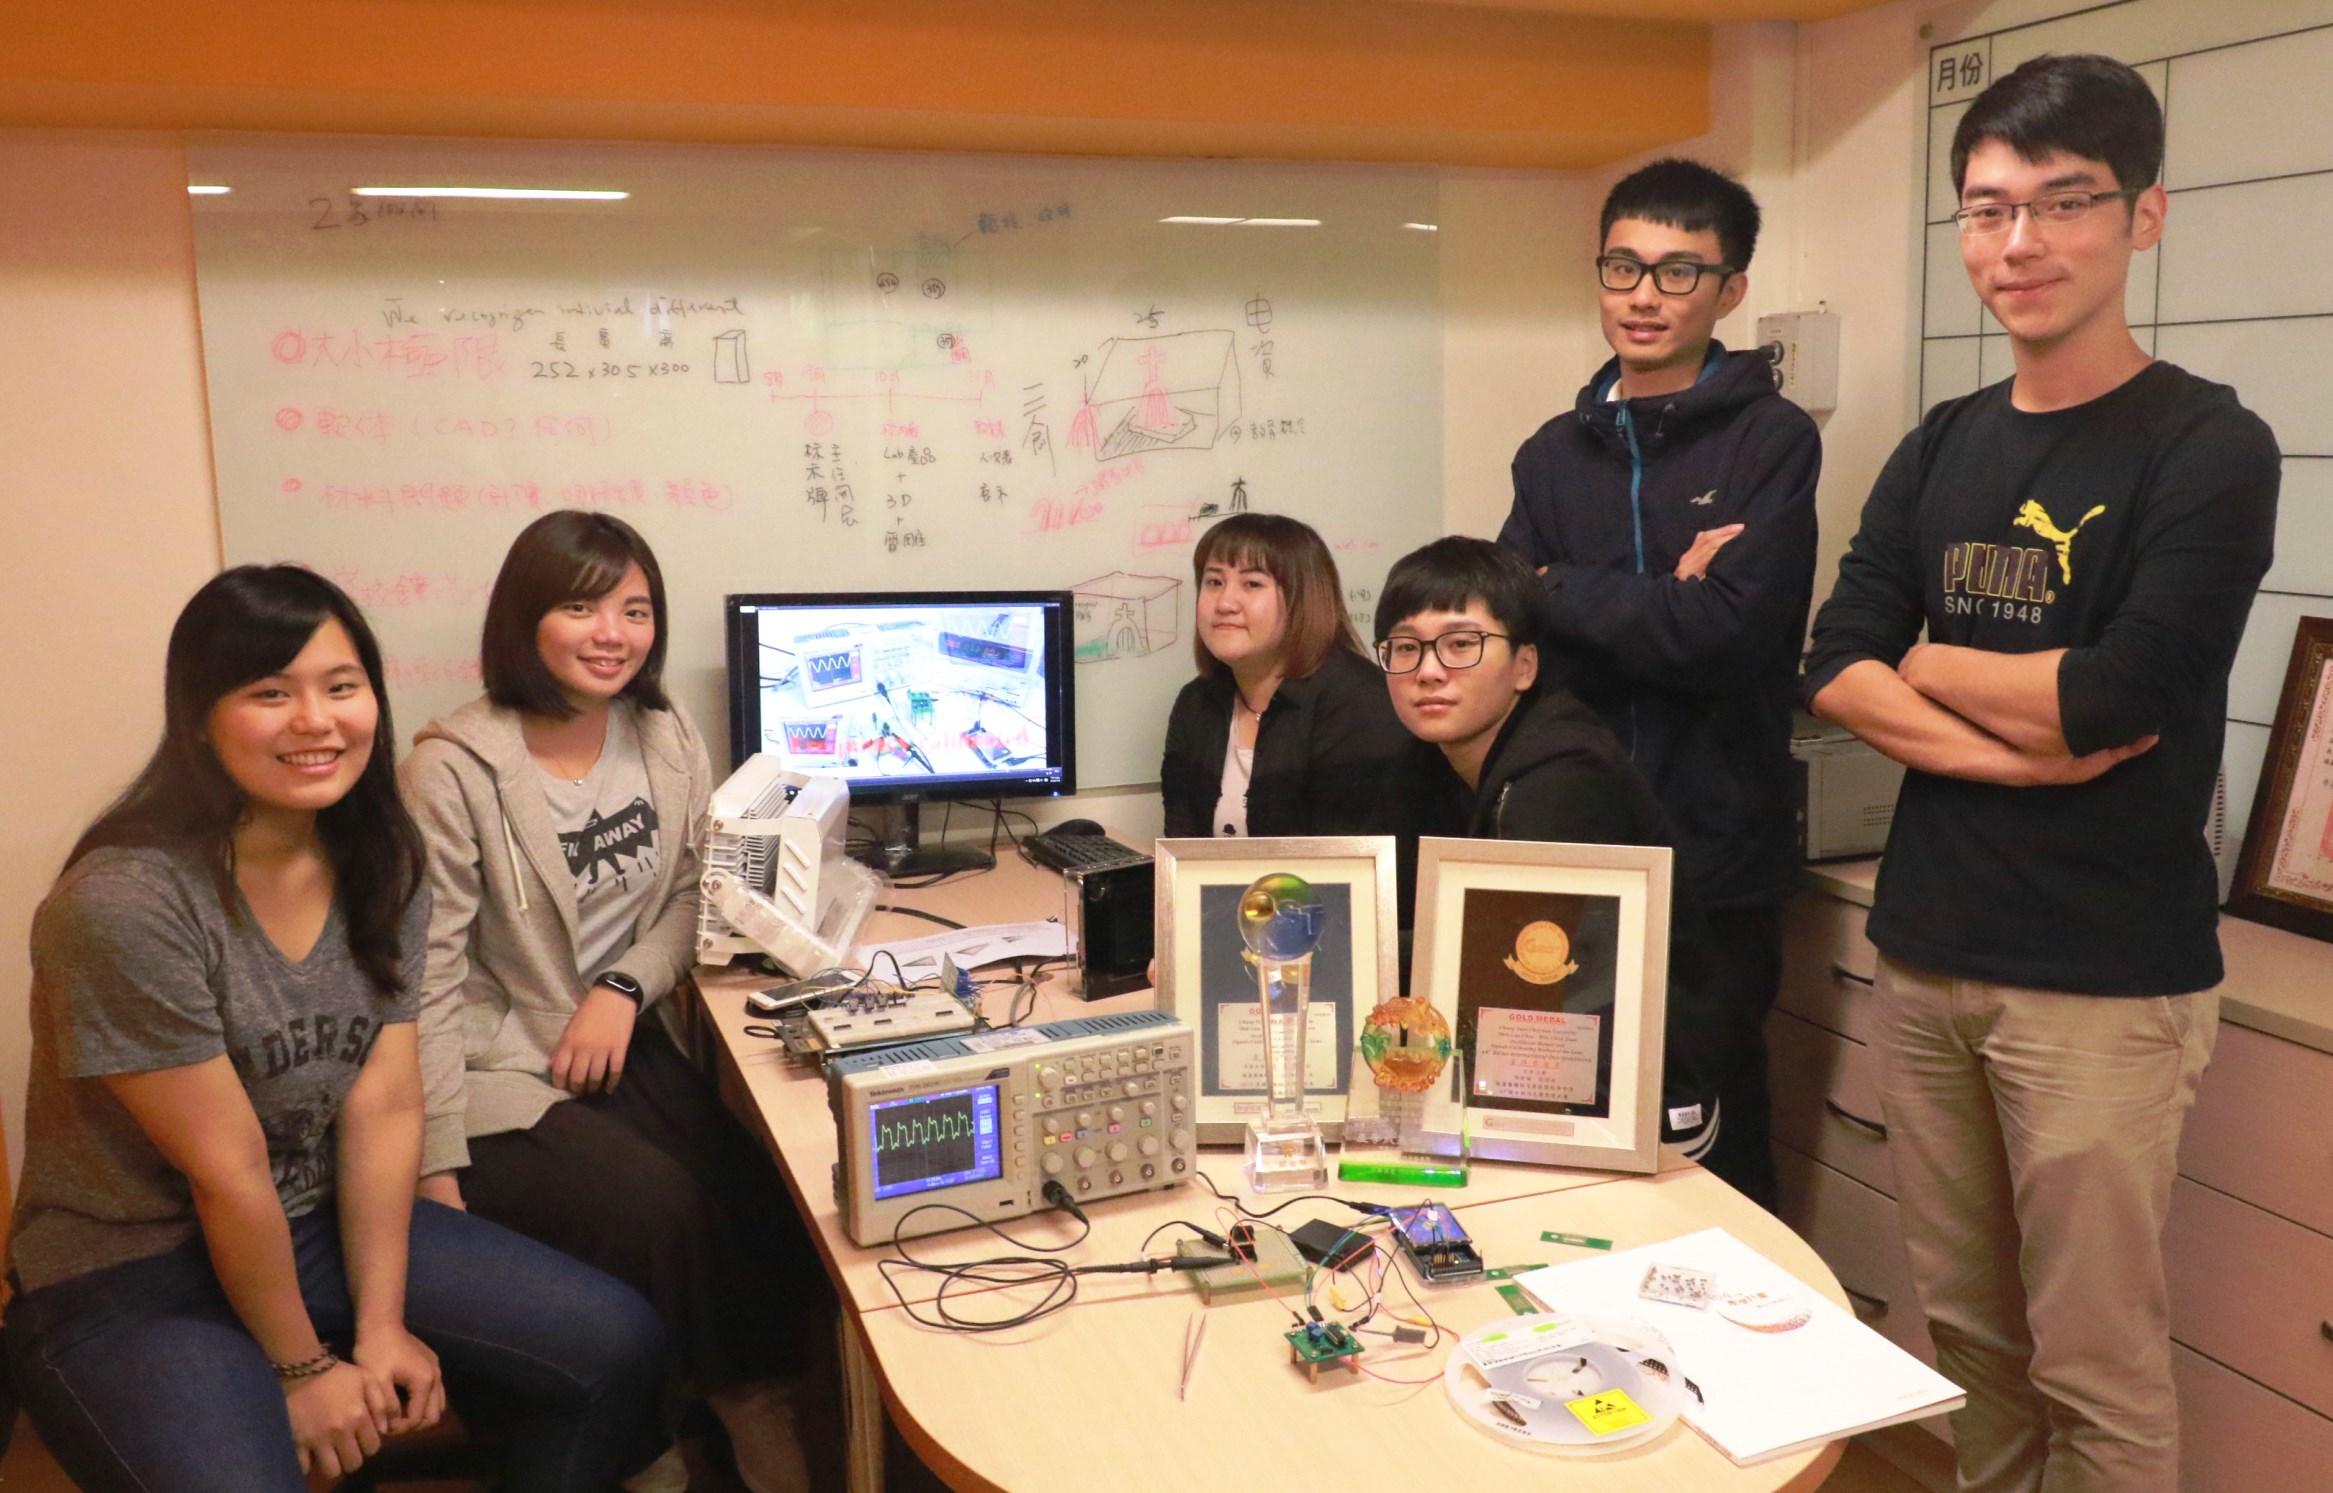 中原大學打造學生實作能力 展現智慧科技新產品